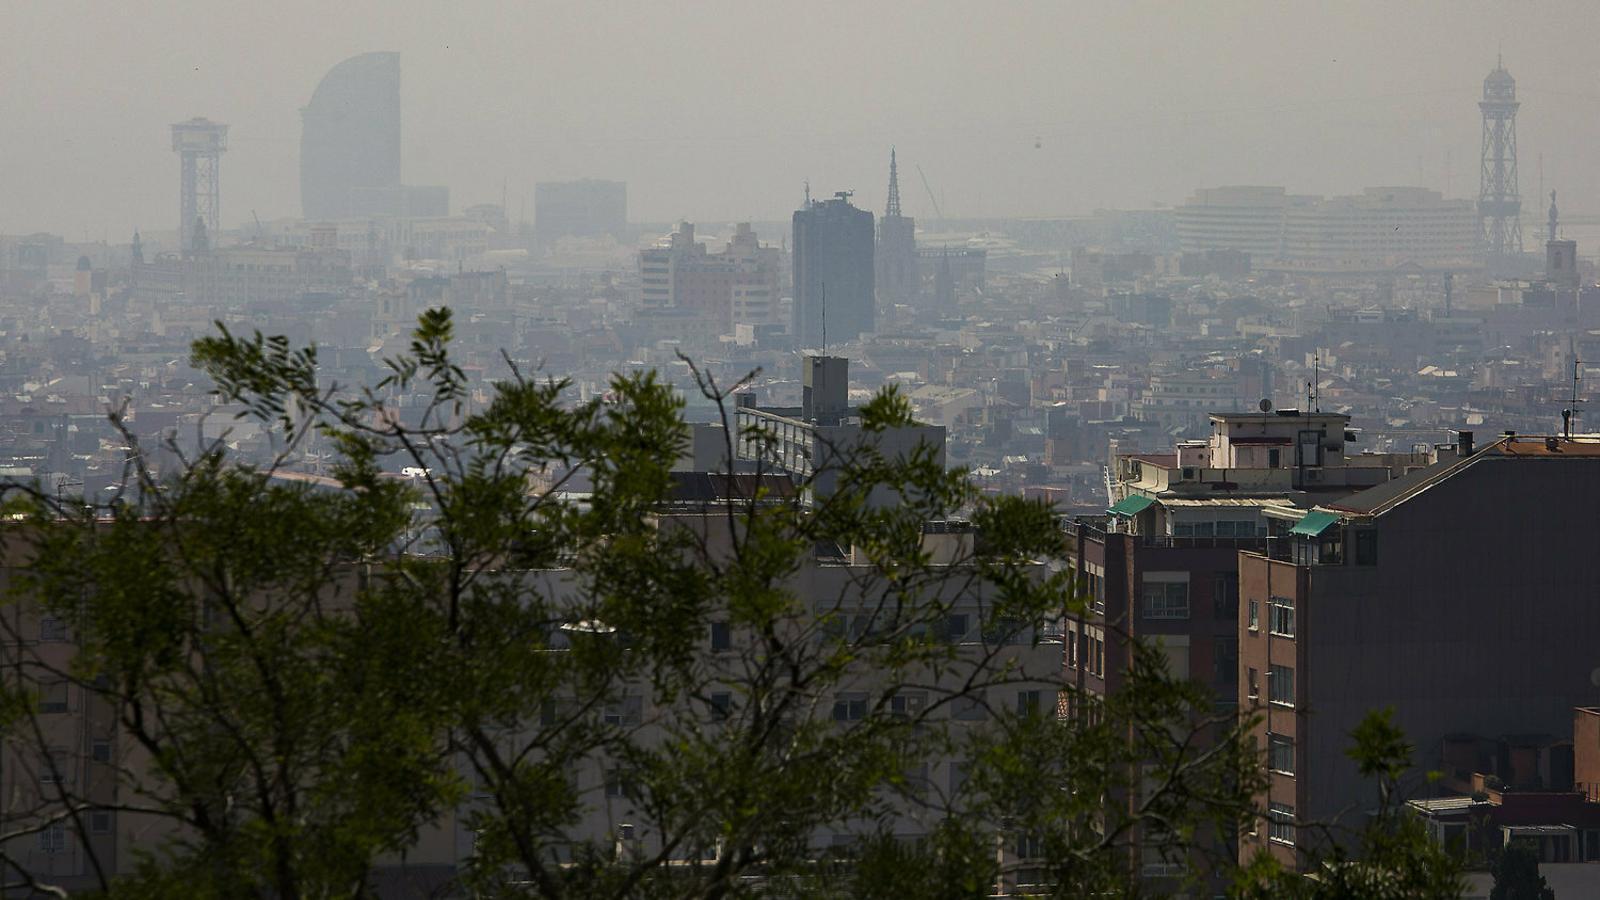 Vista de la ciutat de Barcelona durant l'episodi de contaminació per partícules declarat a l'estiu.